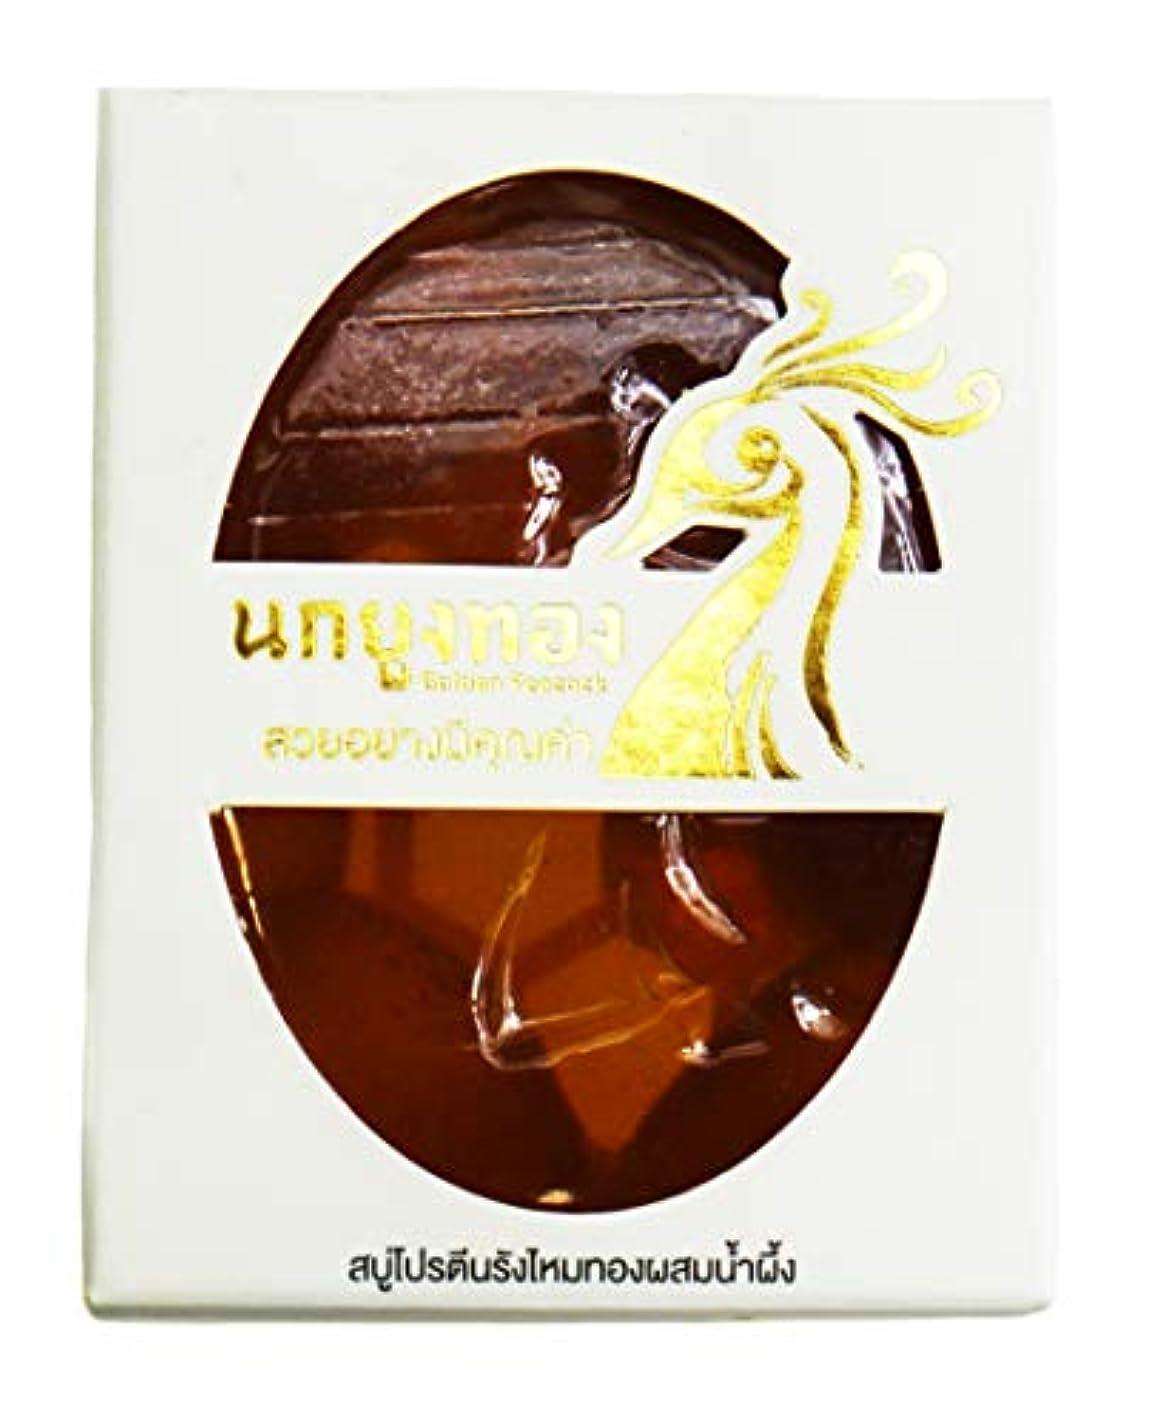 サワー侵入するマーキングまゆ玉蜂蜜石鹸 Thai Golden Cocoon Honey Soap 黄金繭玉入蜂蜜石鹸